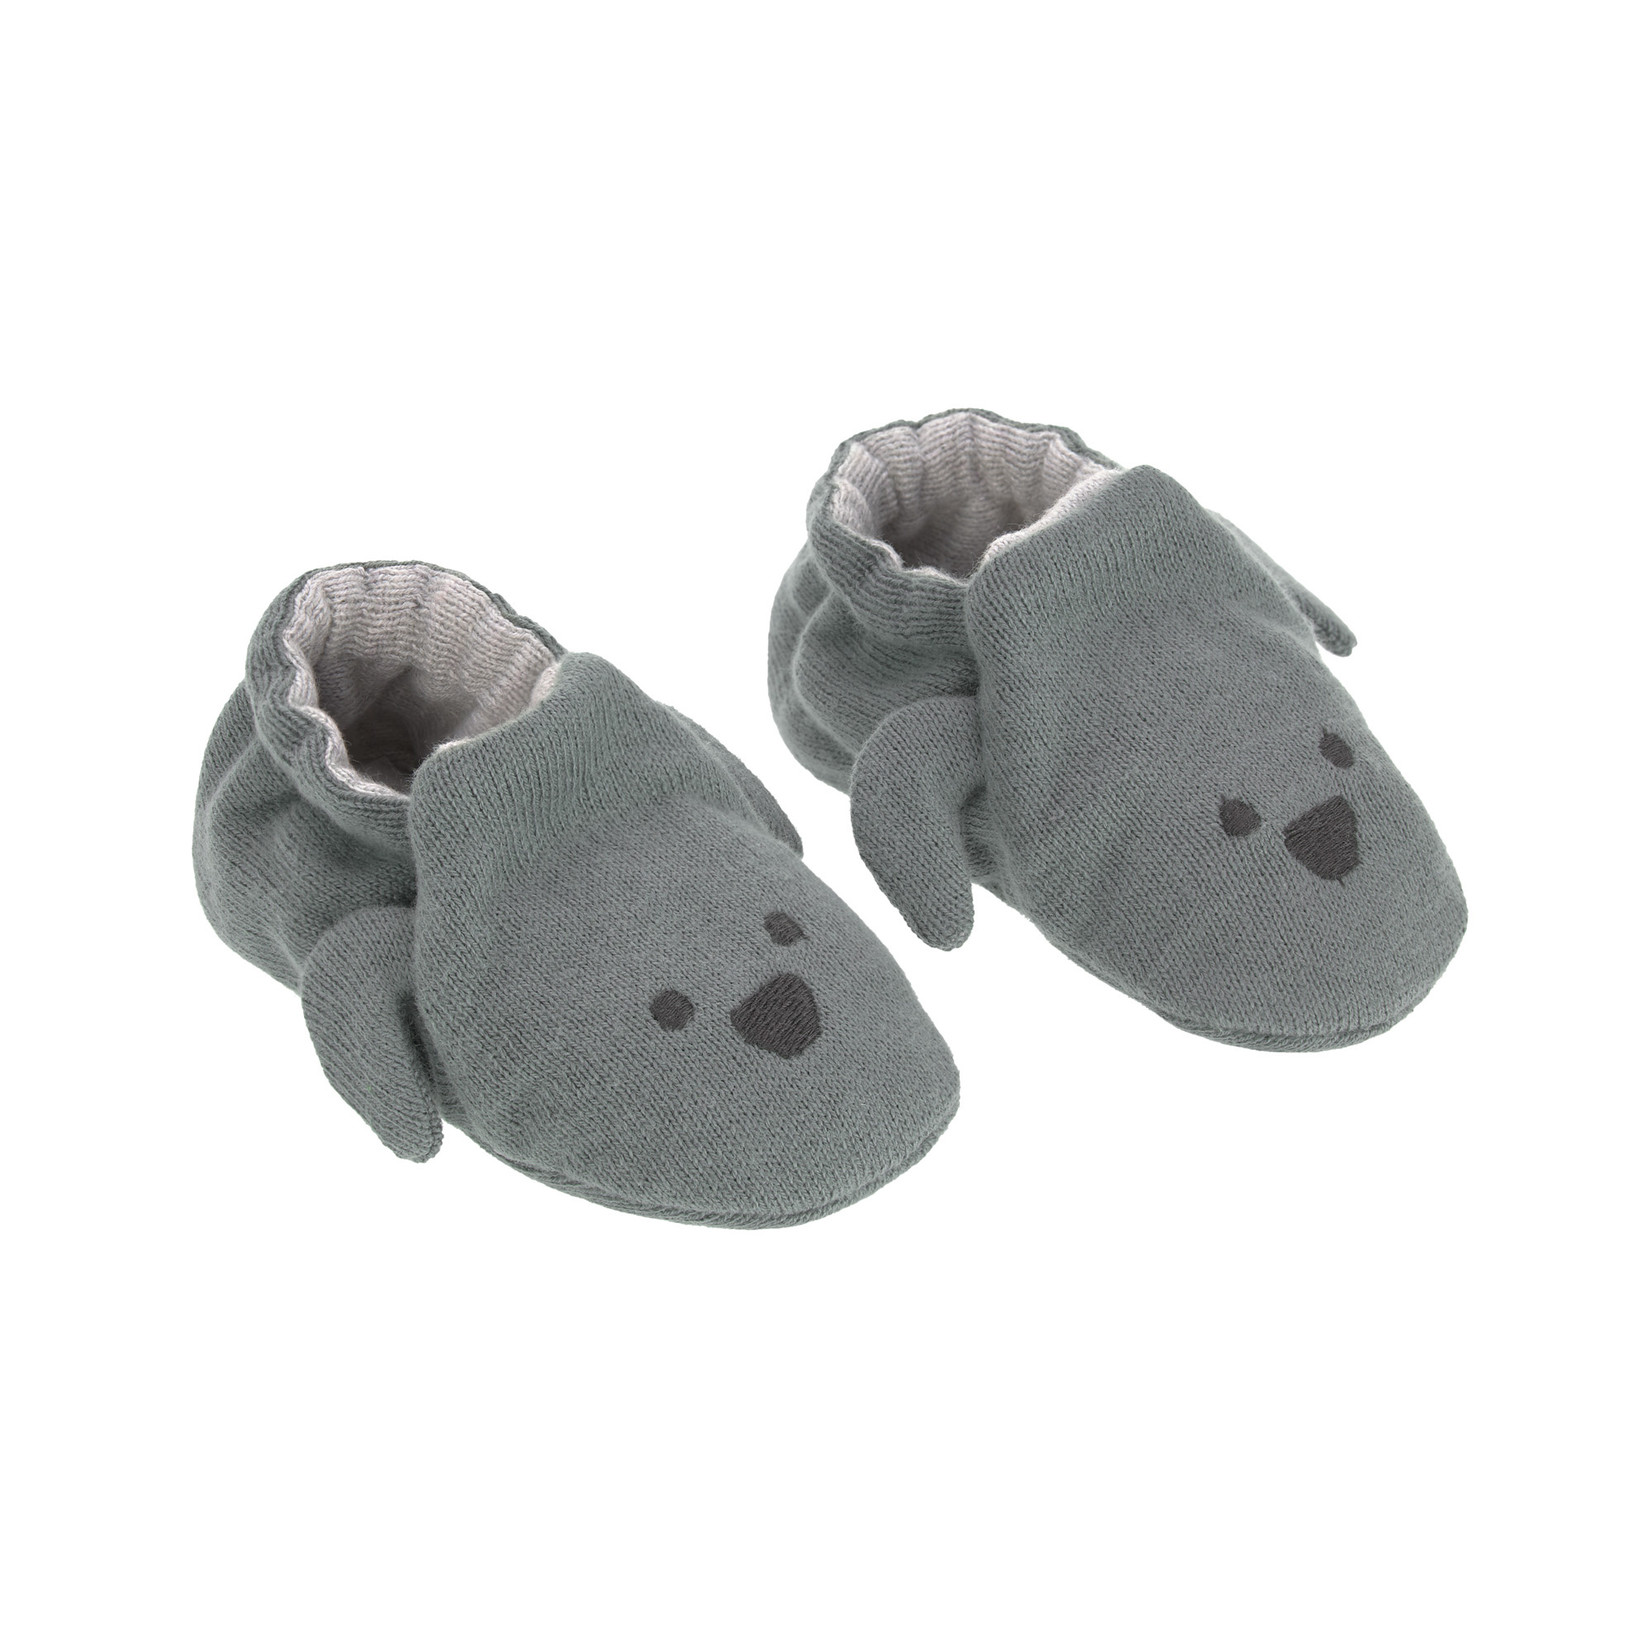 Lässig Fashion Bezaubernde Babyschuhe aus 100 % Bio-Baumwolle   Hündchen-Motiv